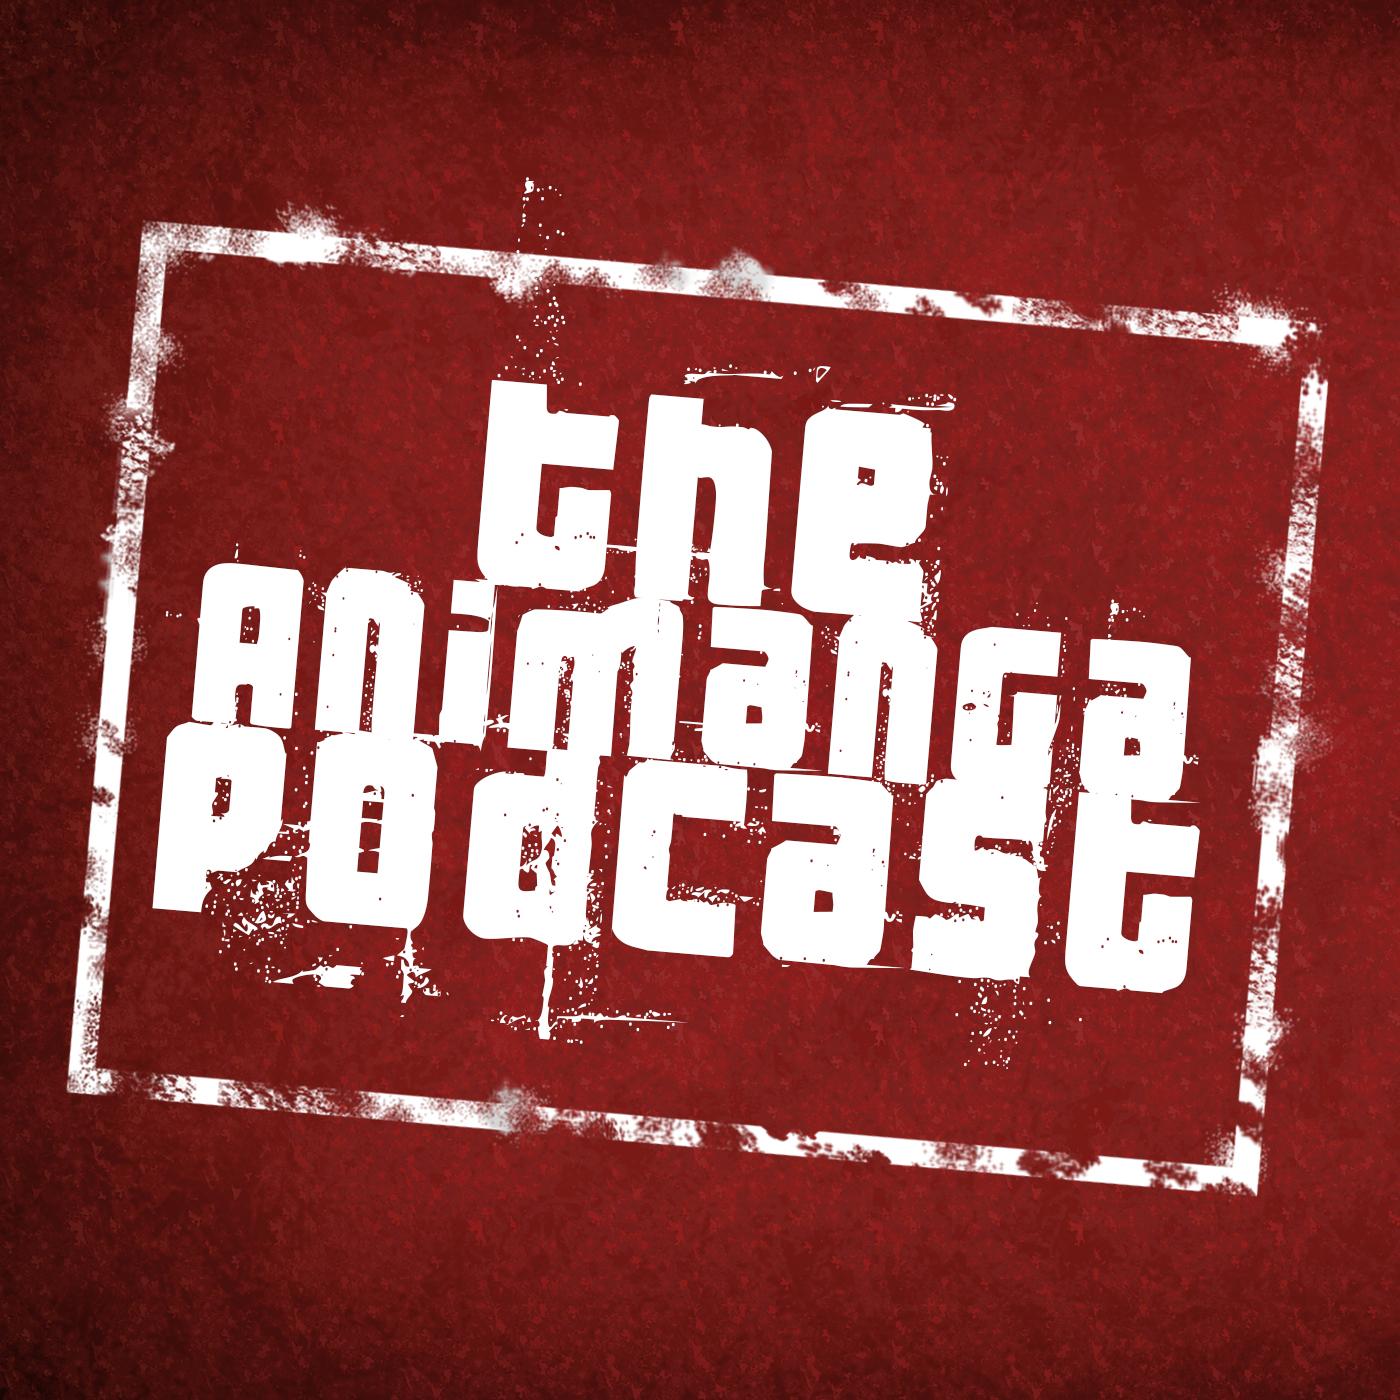 The AniManga Podcast - Joseph Jammer Medina